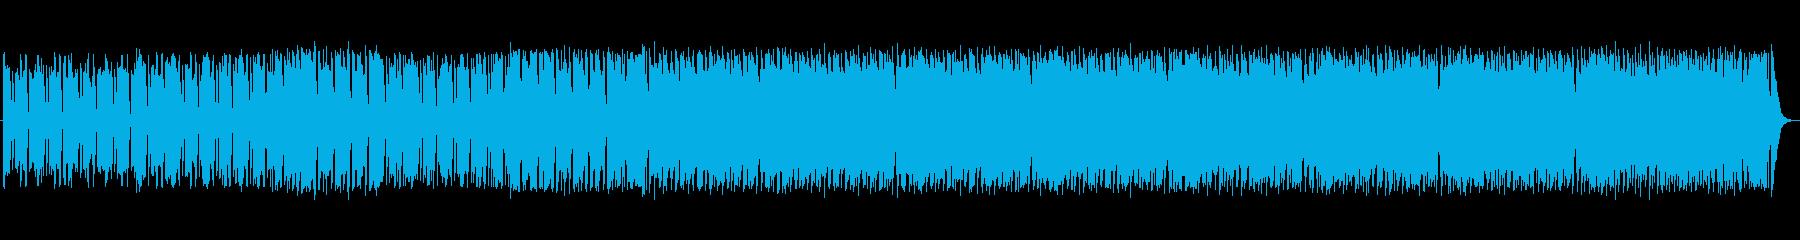 Jazzっぽい雰囲気の5拍子の曲です。の再生済みの波形